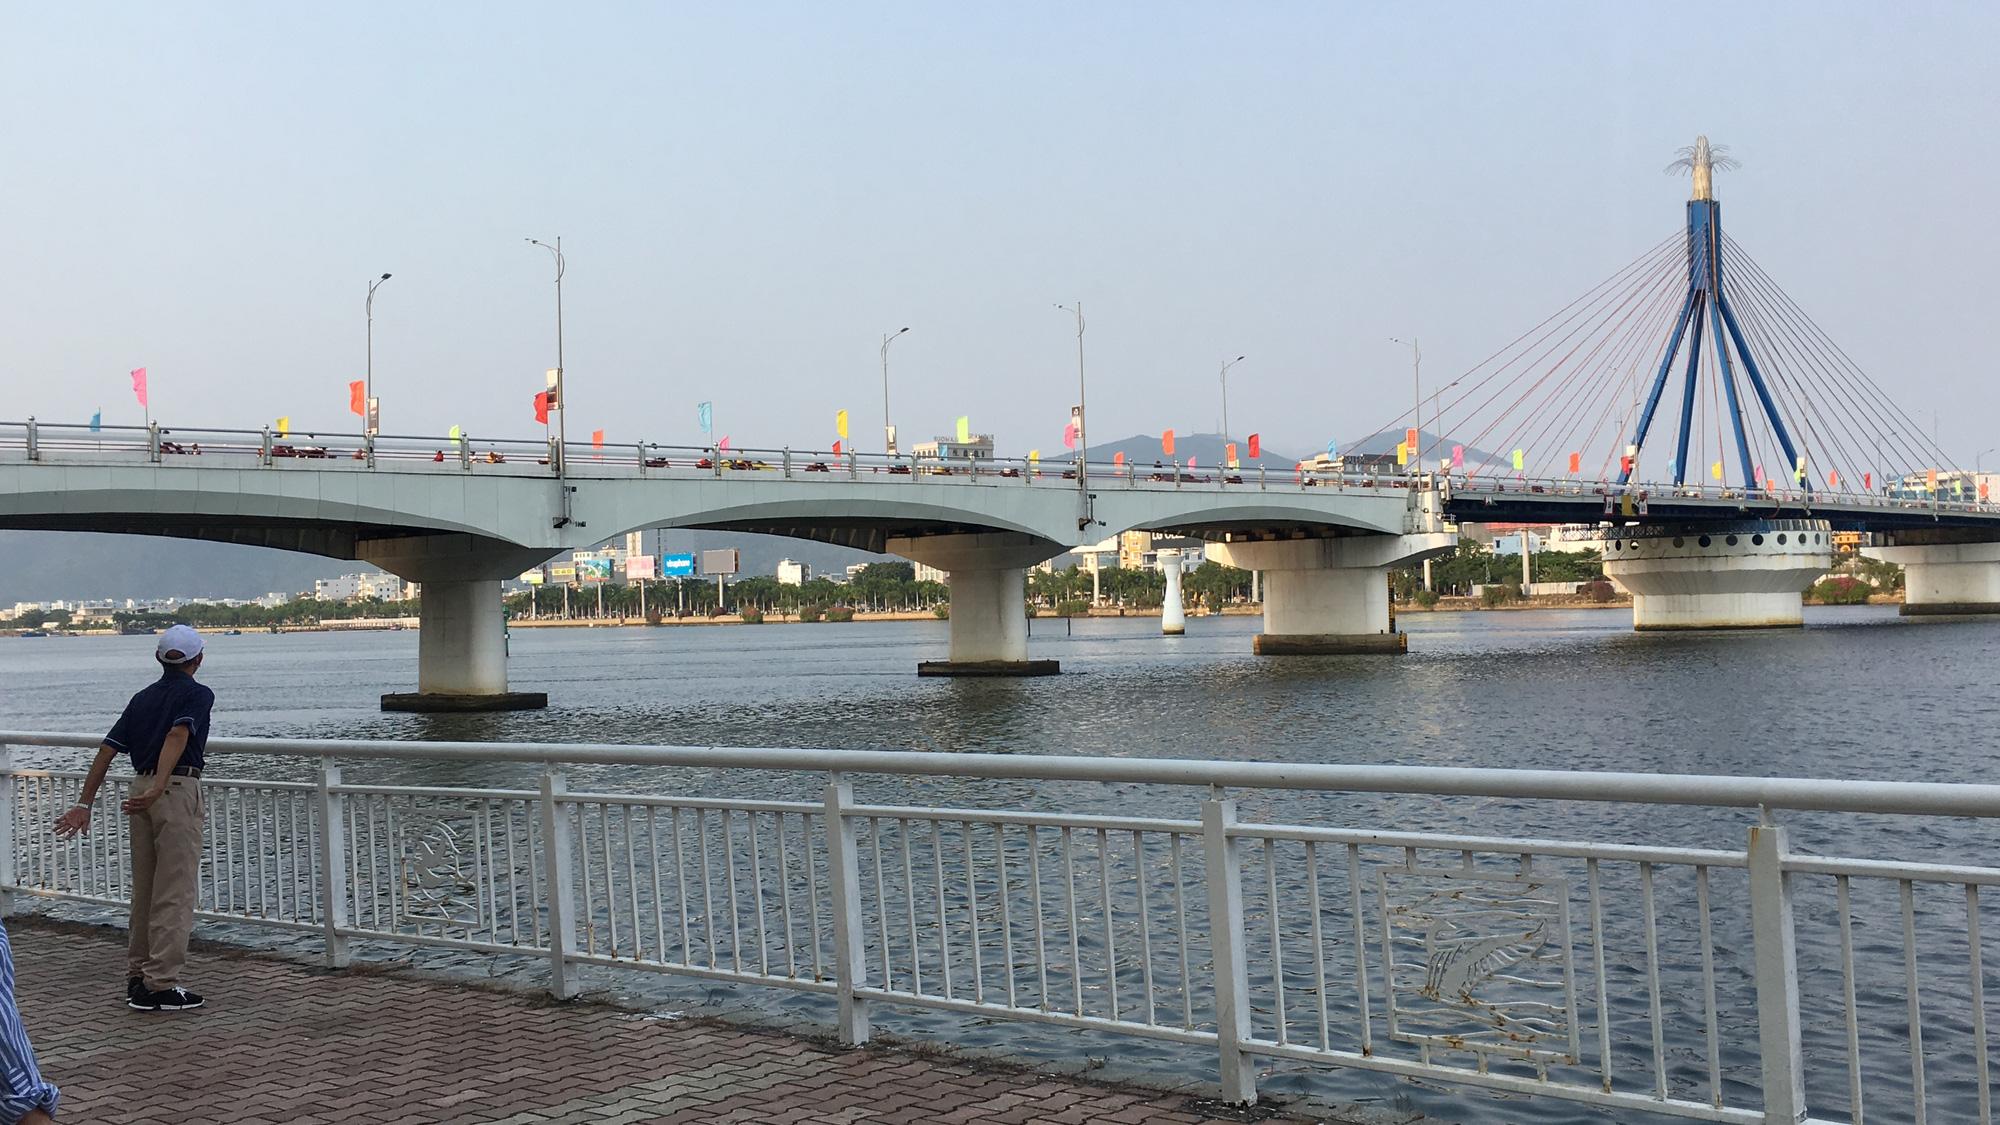 Khách sạn, công trình xây dựng ven biển, các hãng thời trang lớn ở Đà Nẵng đóng cửa hàng loạt trước ngày 'cách li toàn xã hội' - Ảnh 16.